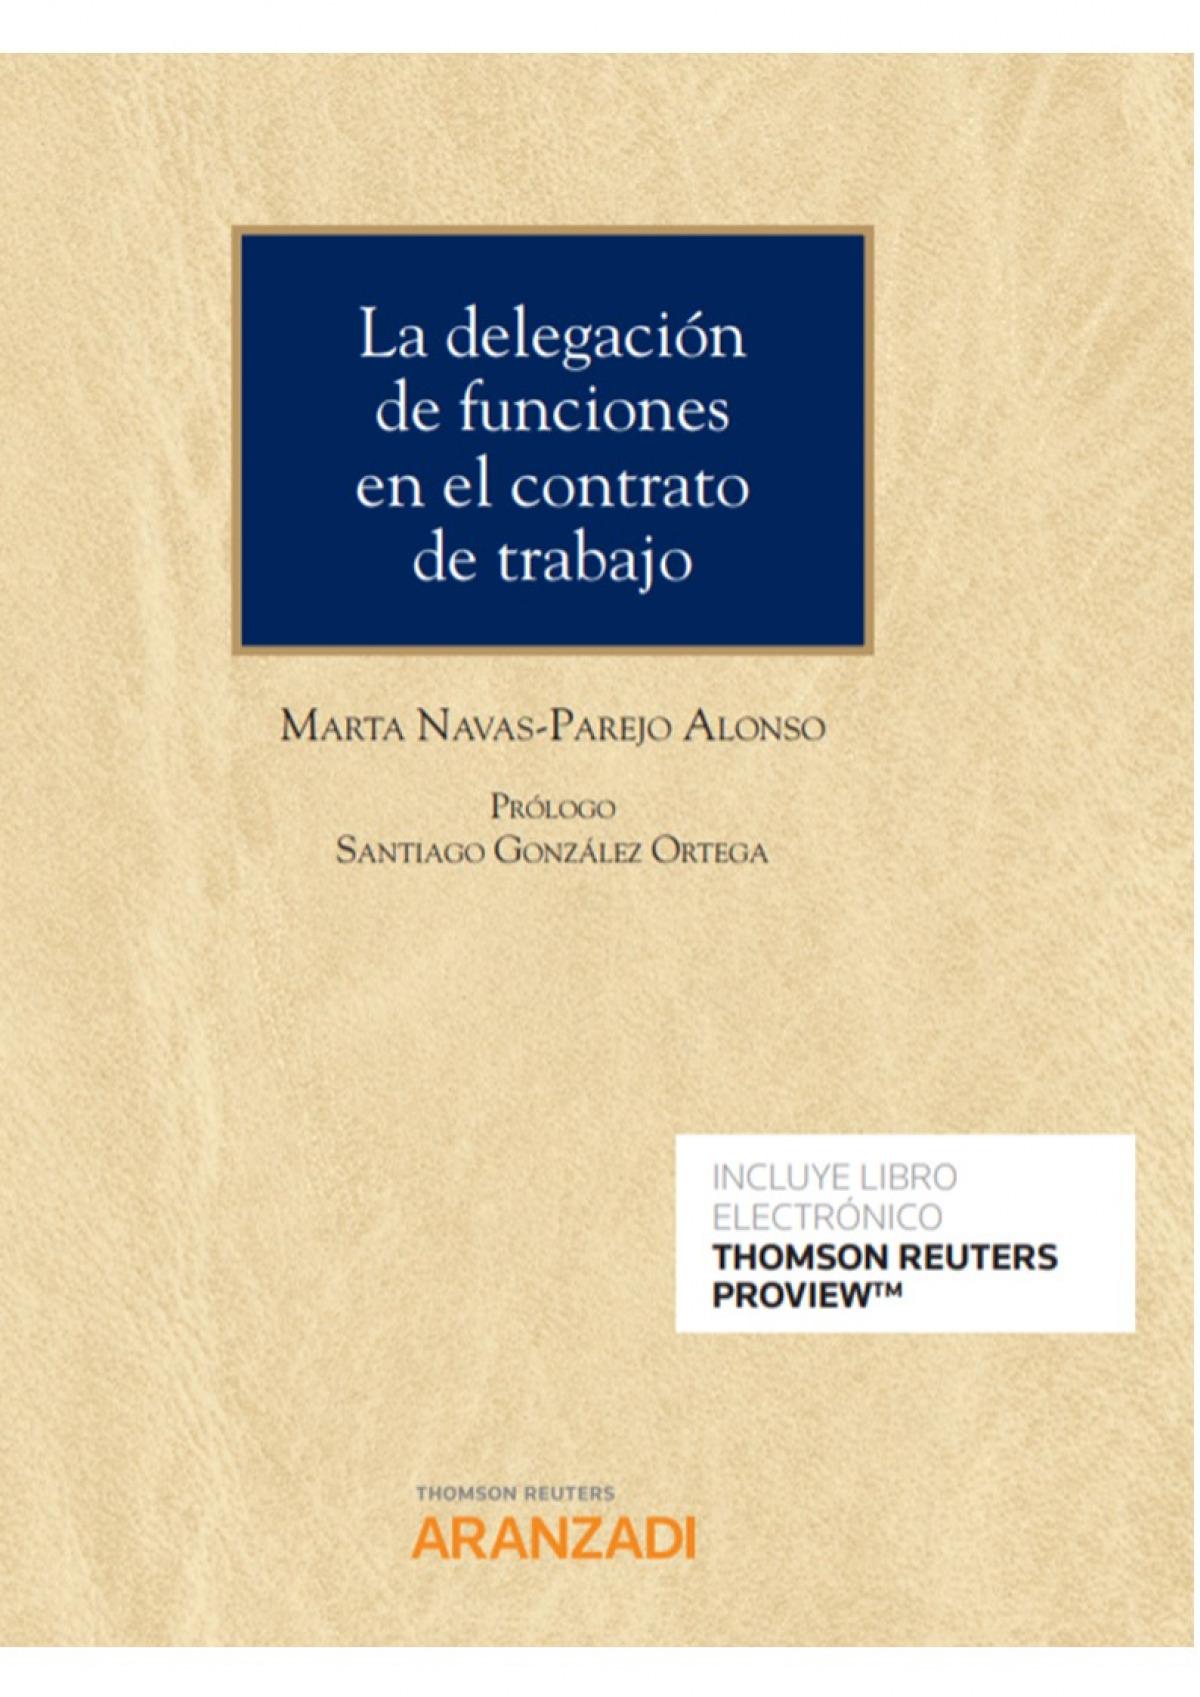 La delegación de funciones en el contrato de trabajo (Papel + e-book)